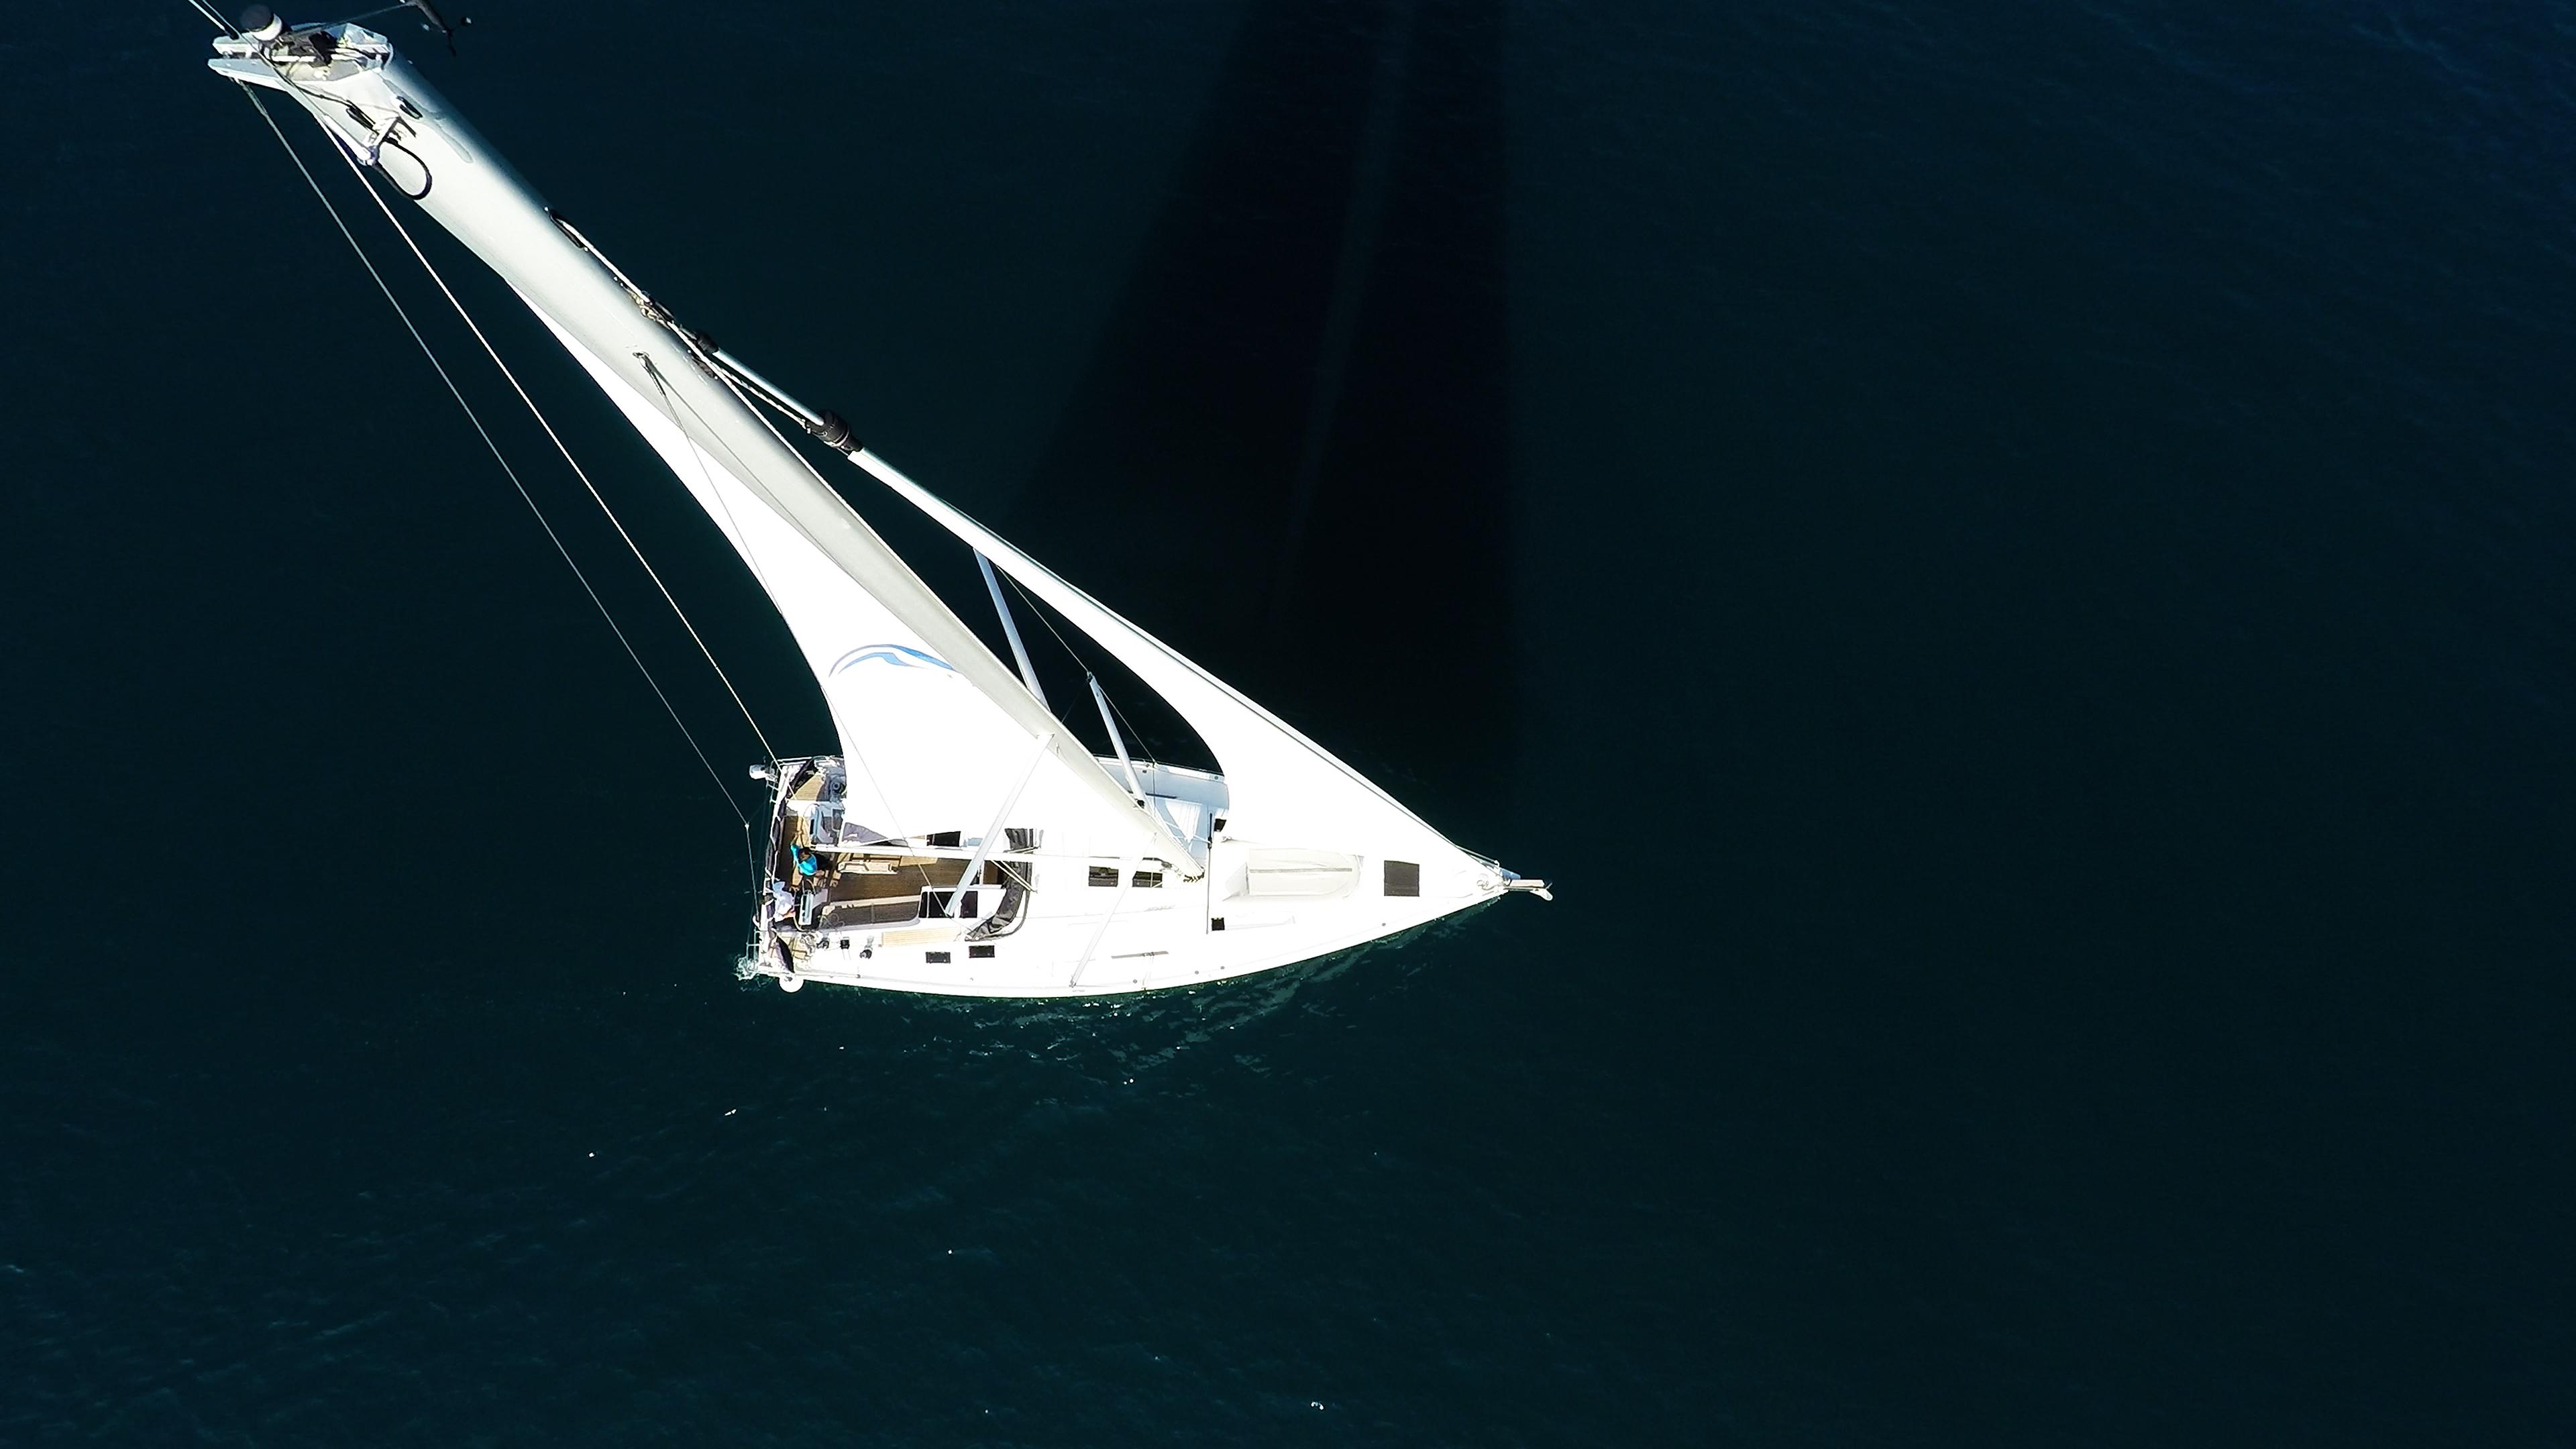 barcha a vela barca a vela dalla verticalee sopra veleggiare vele vela principale genova sartiame ponte mare blu